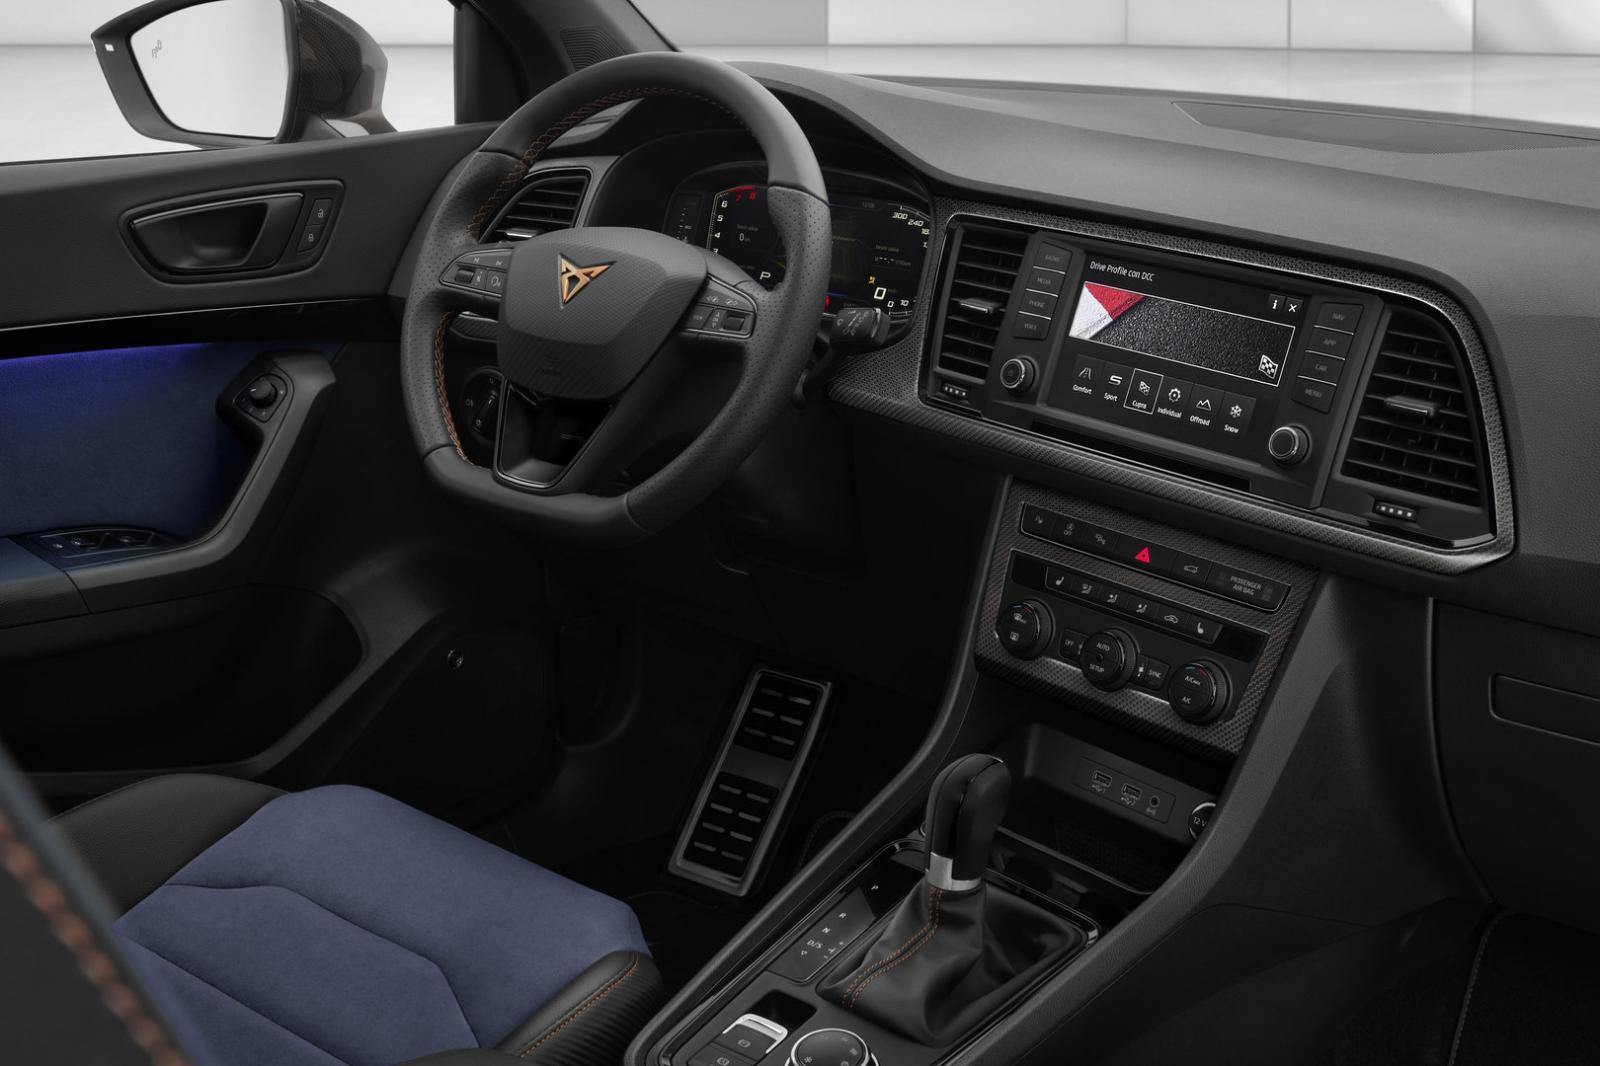 La Cupra Ateca Special Edition posee una cabina con múltiples detalles en fibra de carbono y color cobre